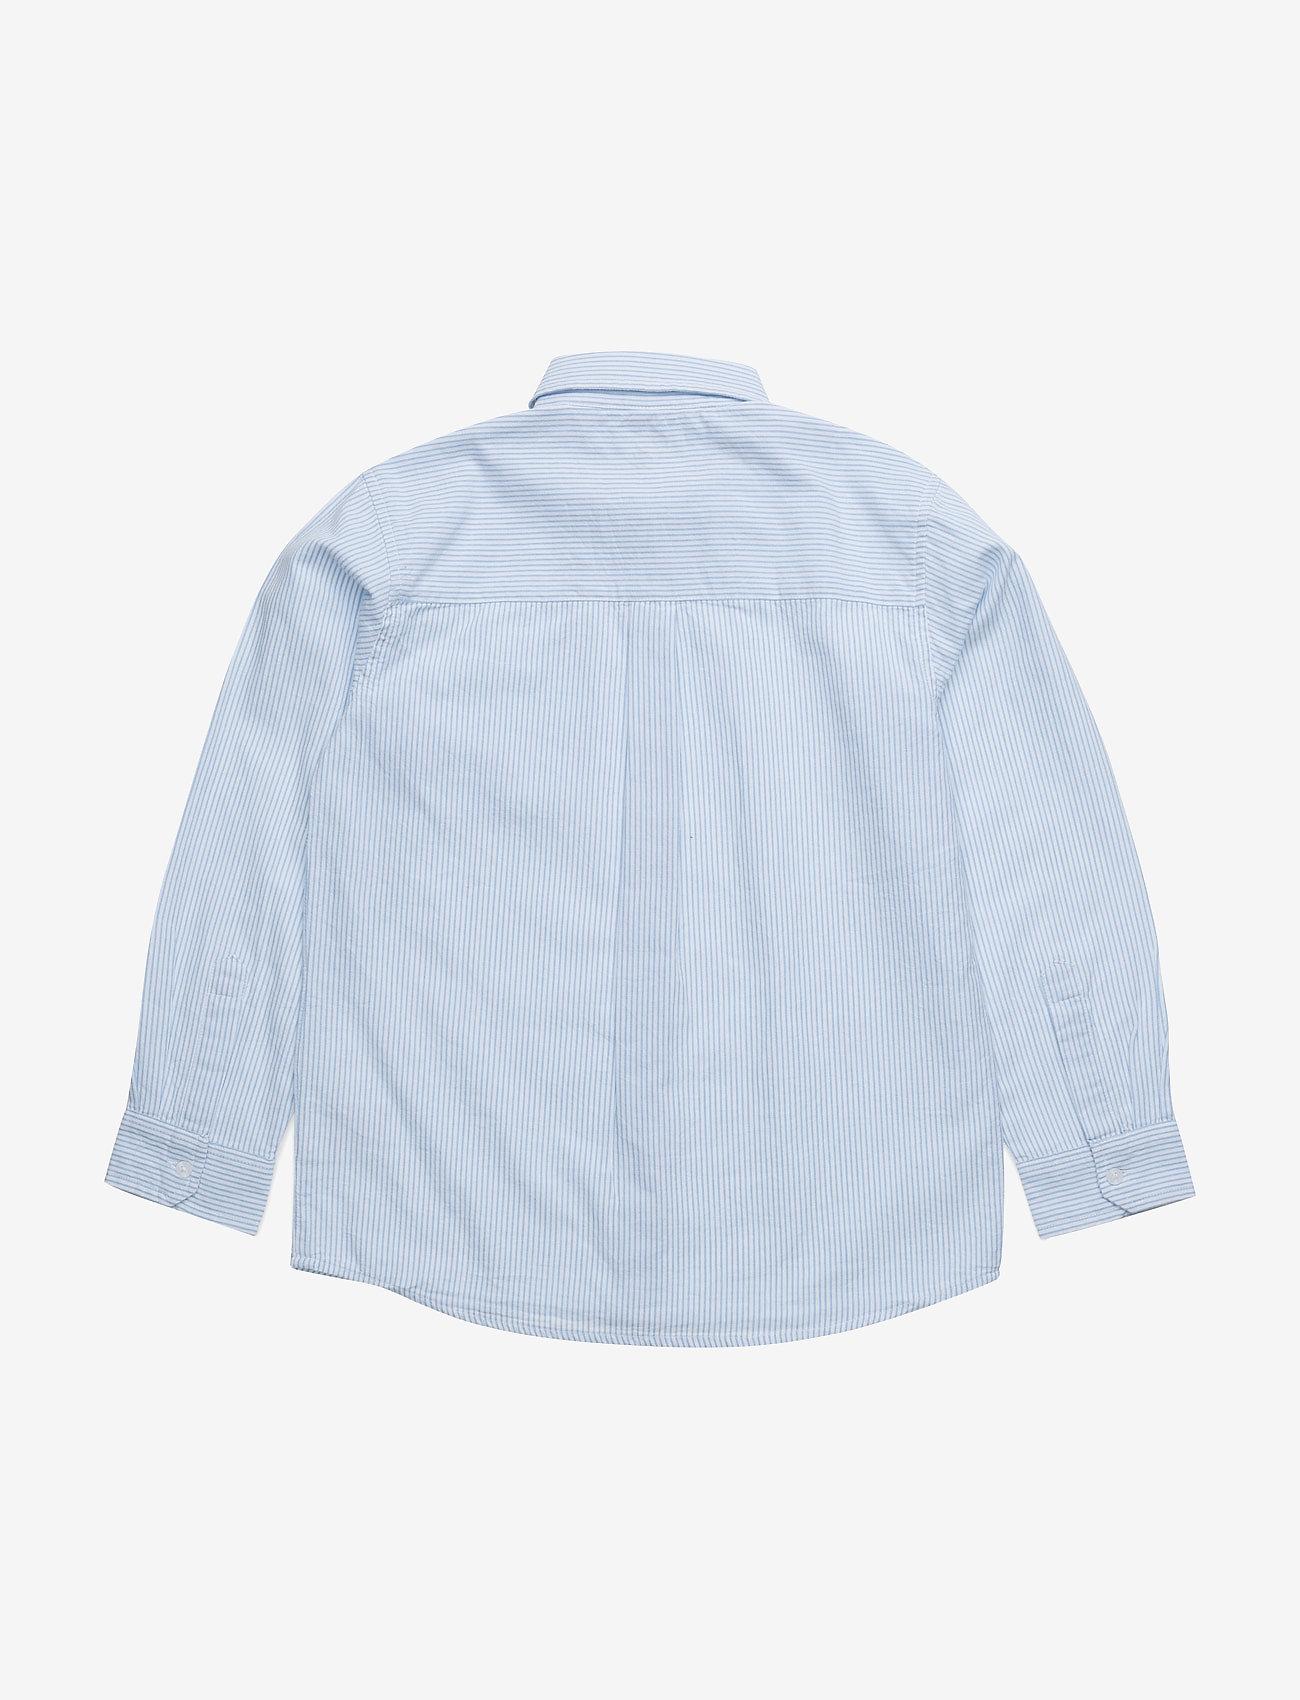 Hust & Claire - Ruben - Shirt - overhemden - light blue - 1